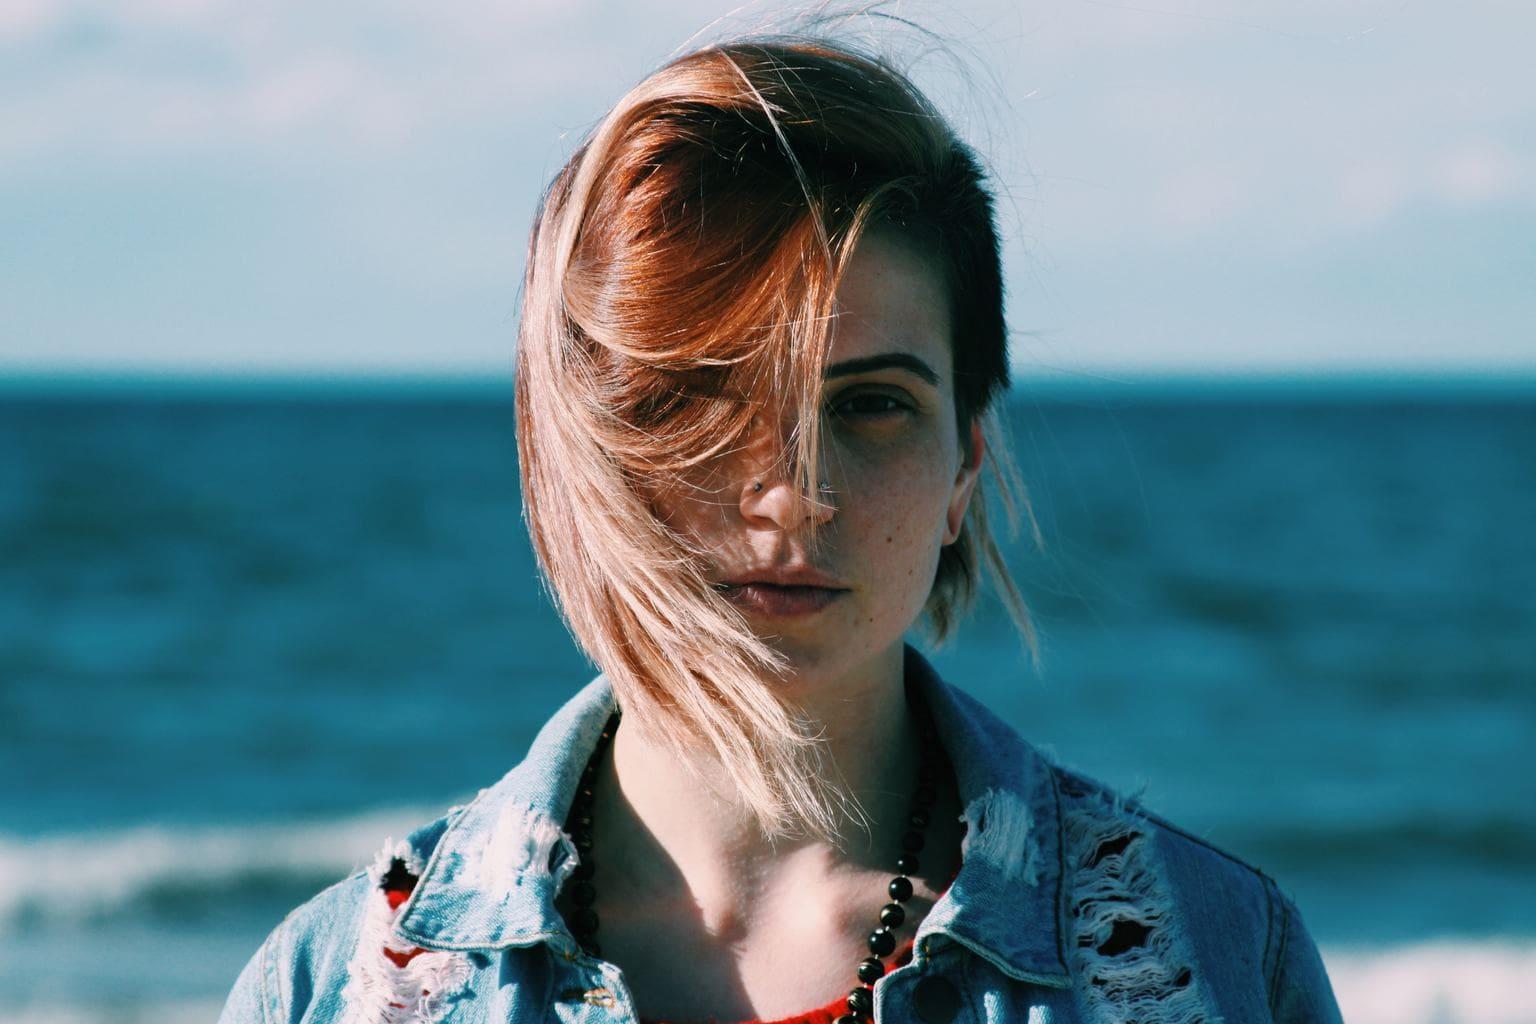 Retrato de una chica en la playa